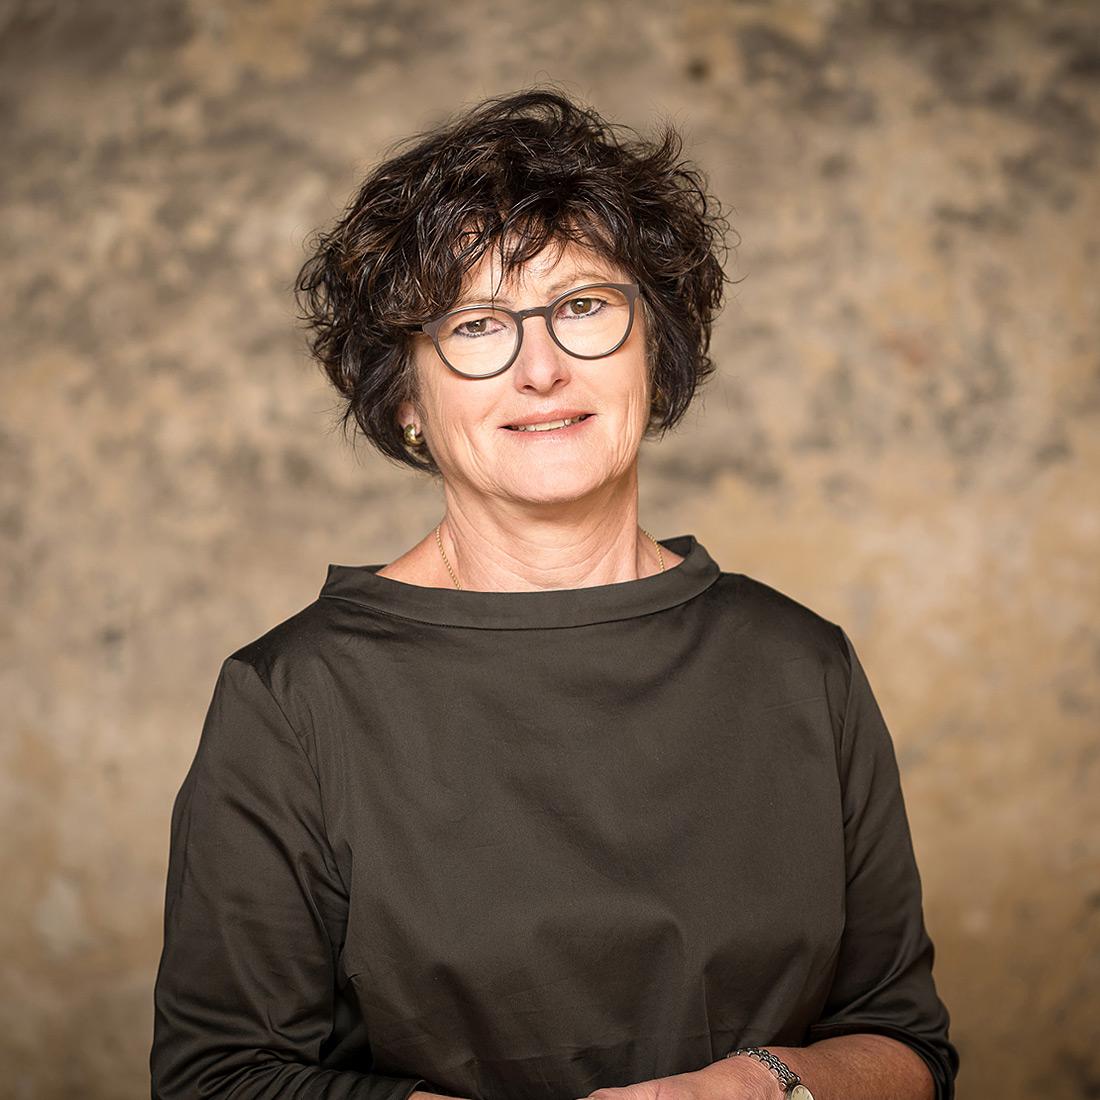 Helga Schnabel